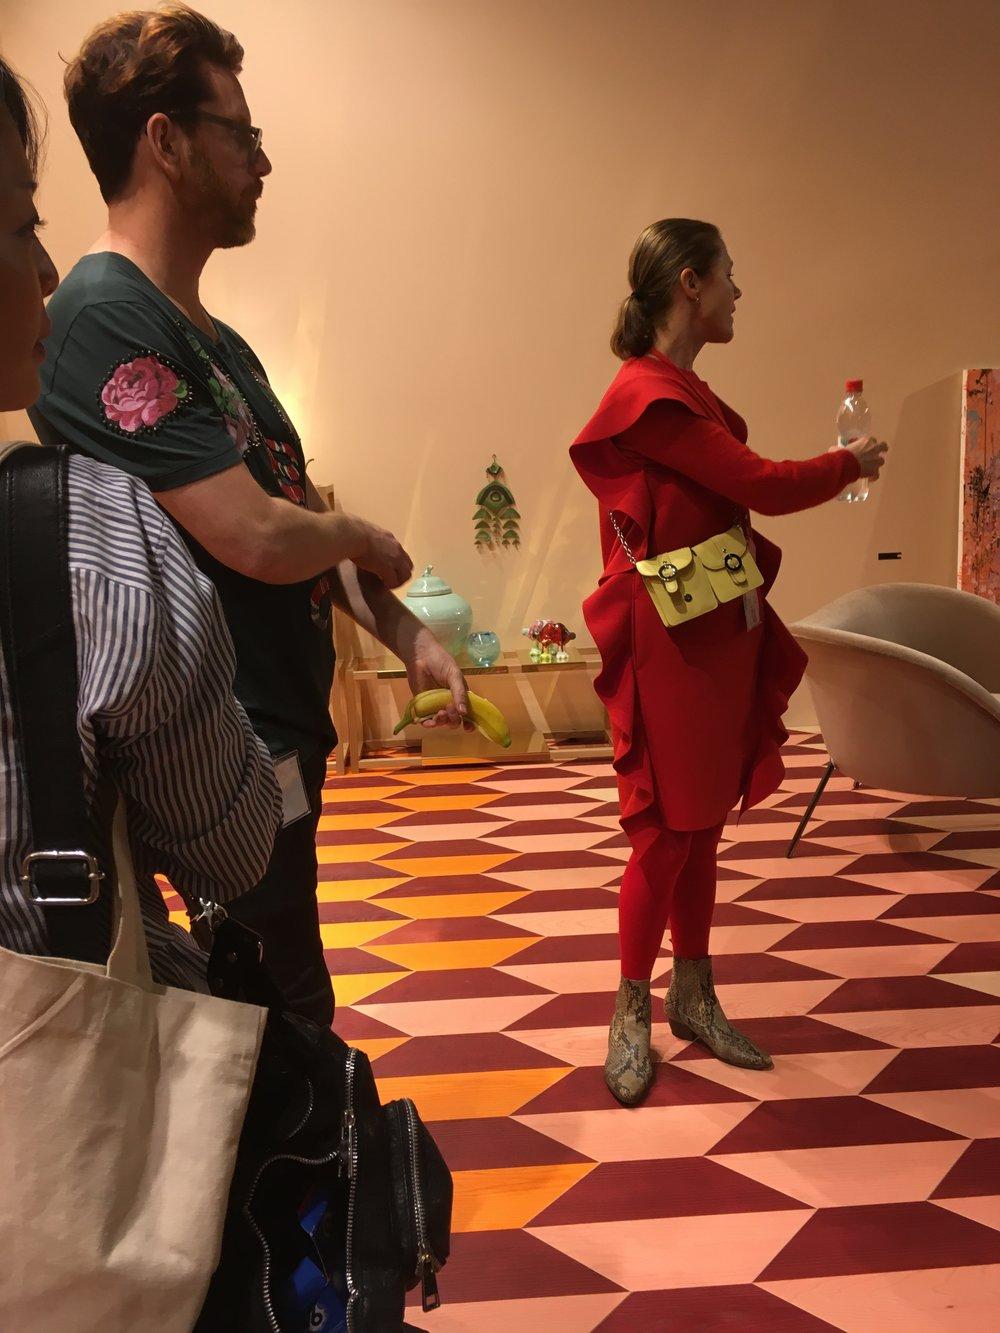 Näituse üks autoritest trendianalüütik Susanna Björklund tutvustas meile lähemalt näituse ideed ja selgitas inspiratsiooni selle taga.